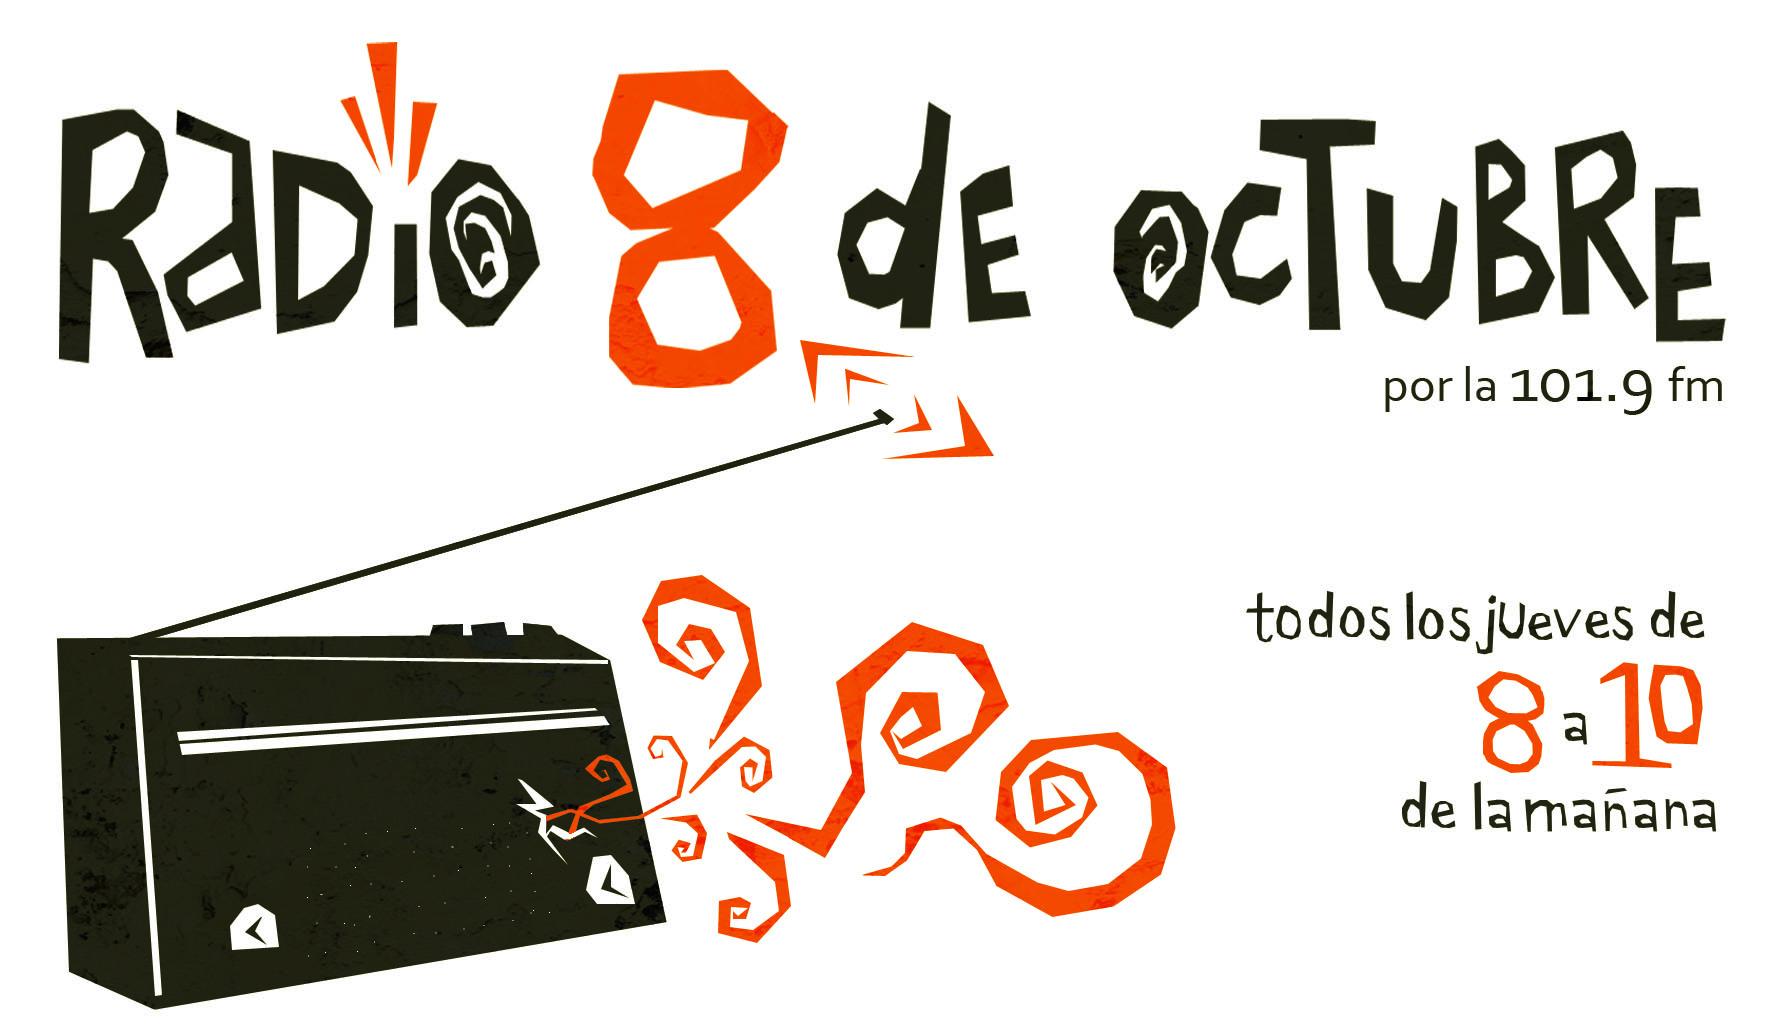 Radio 8 de Octubre arranca el 2013